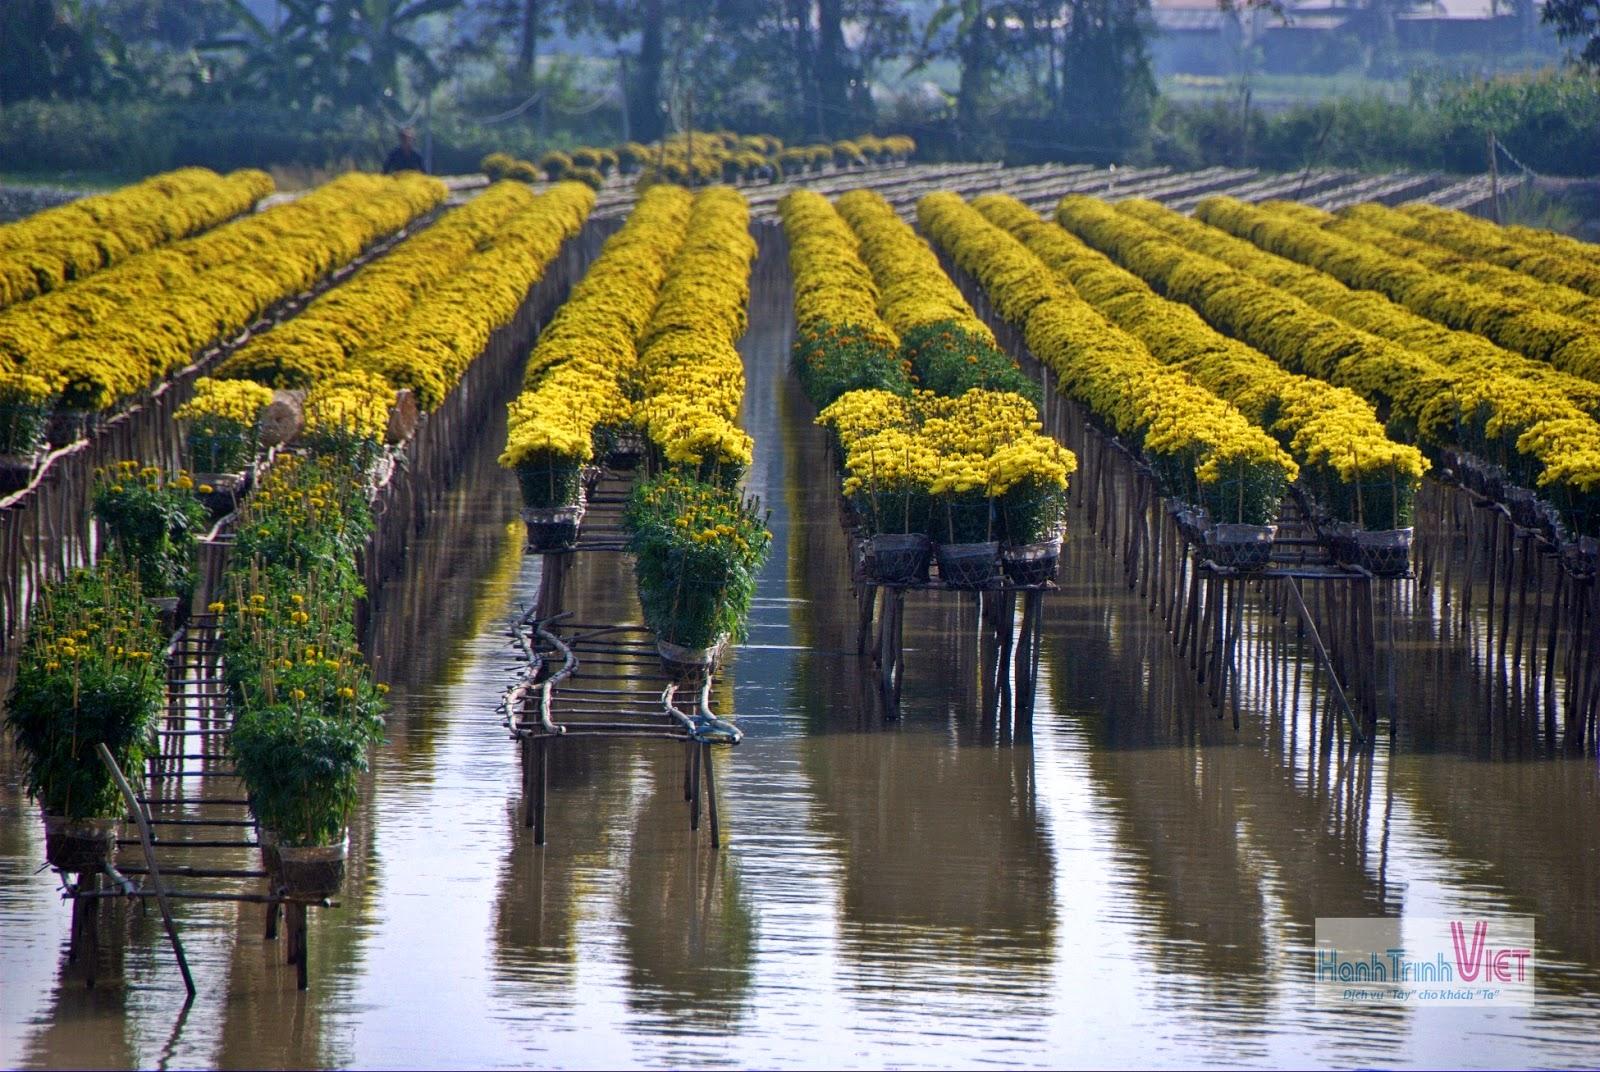 Độc đáo bức tranh hoa ở làng hoa Sa Đéc